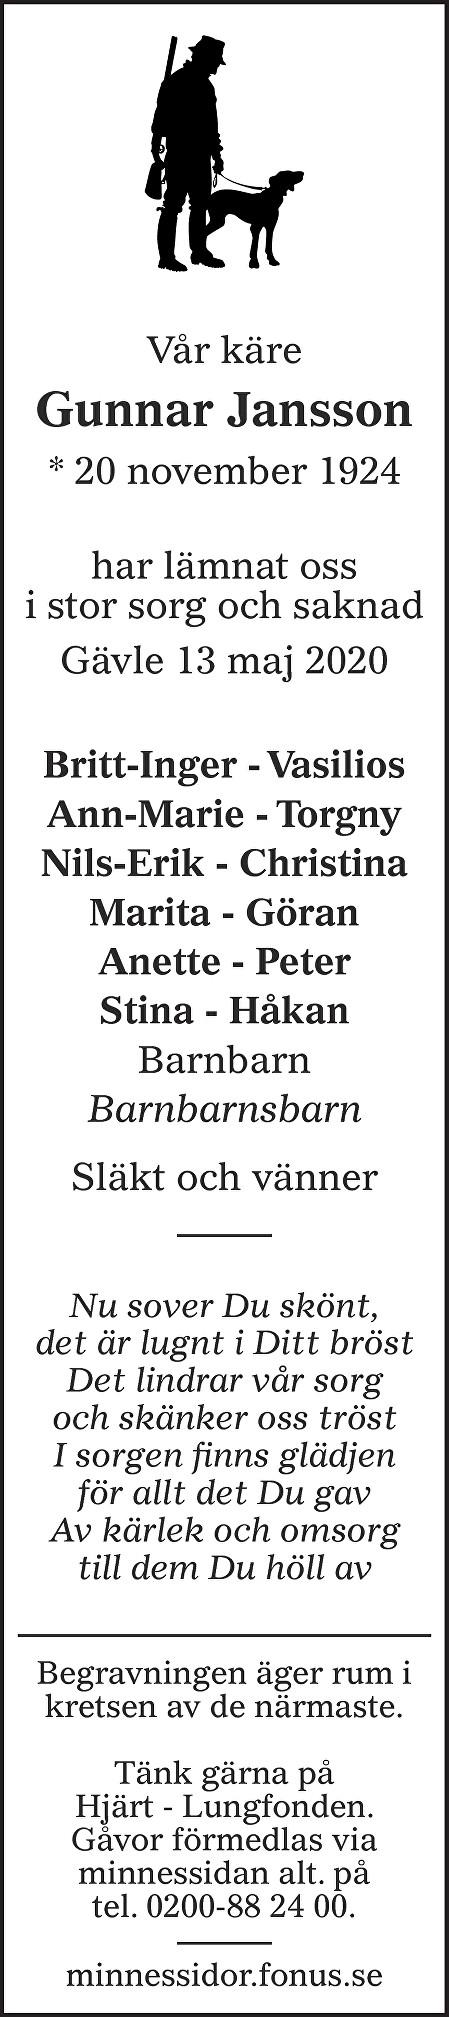 Gunnar Jansson Death notice